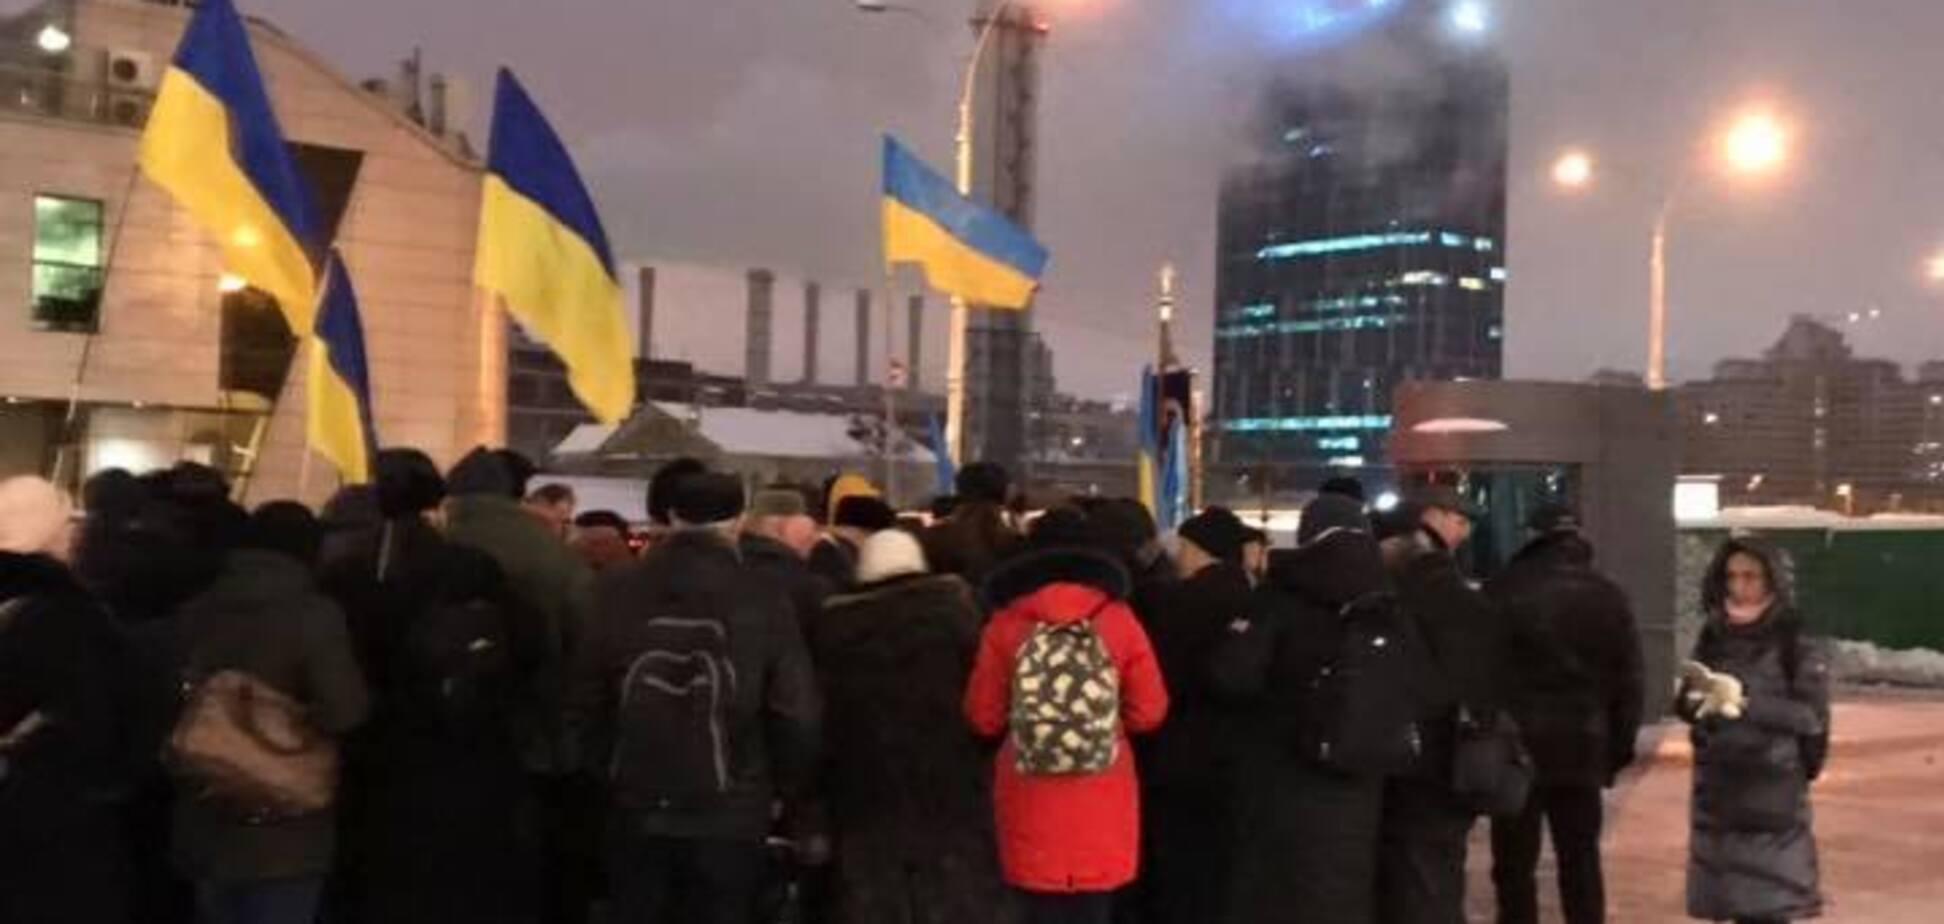 ''Це було пекло'': український депутат видала страшилку про Собор для росЗМІ